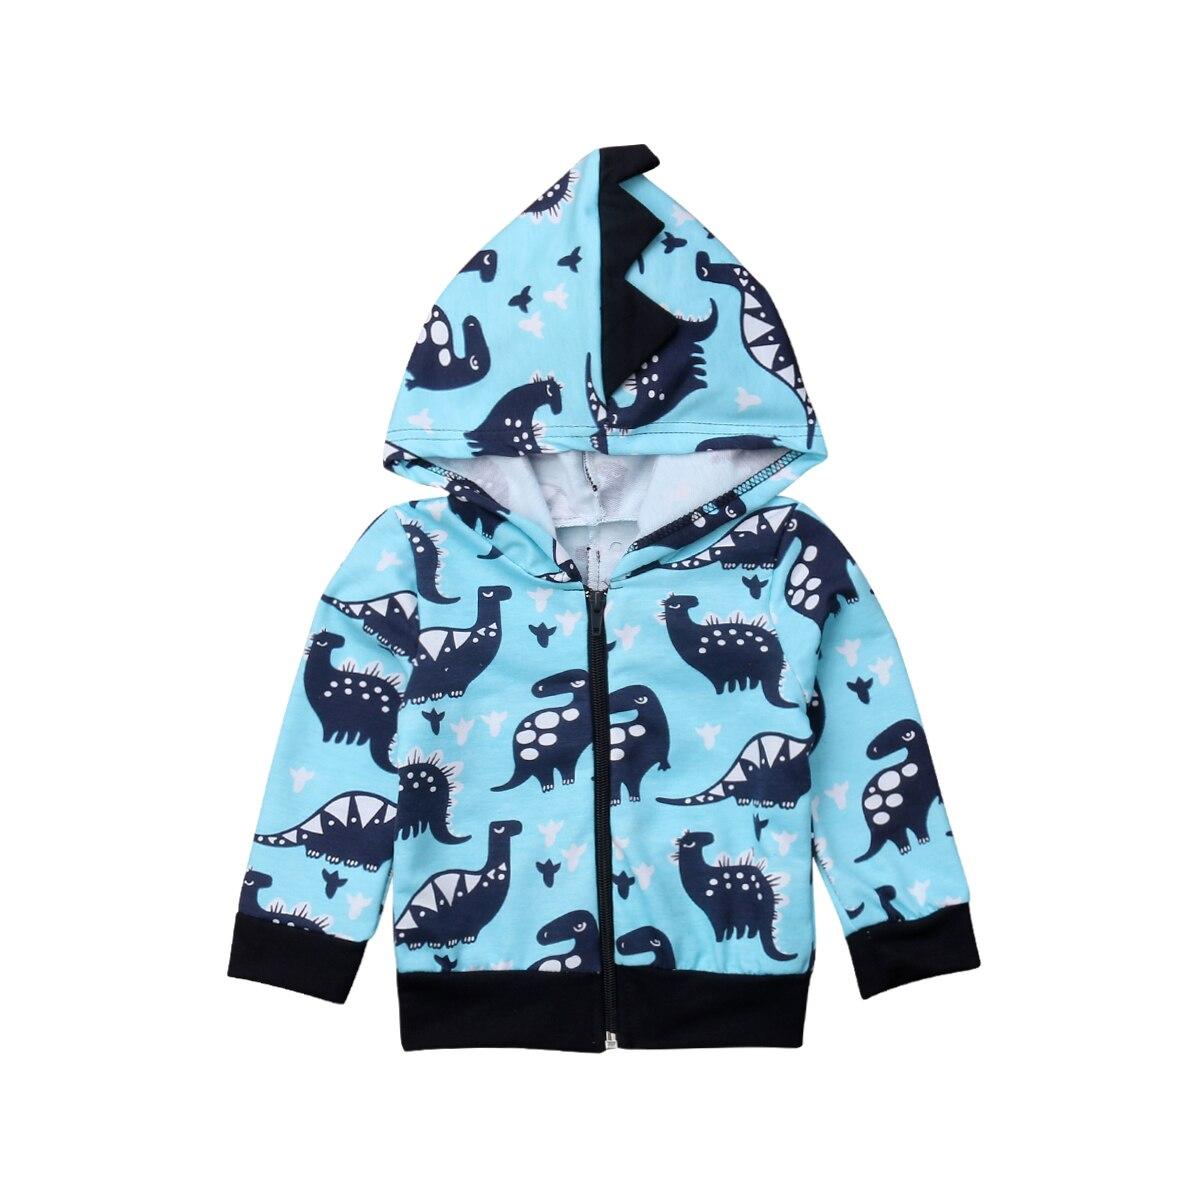 Adorable Newborn Baby Boys Dinosaur Long Sleeve Jacket Toddler Zip-up Hoodie Tops Sweatshirt Outwear